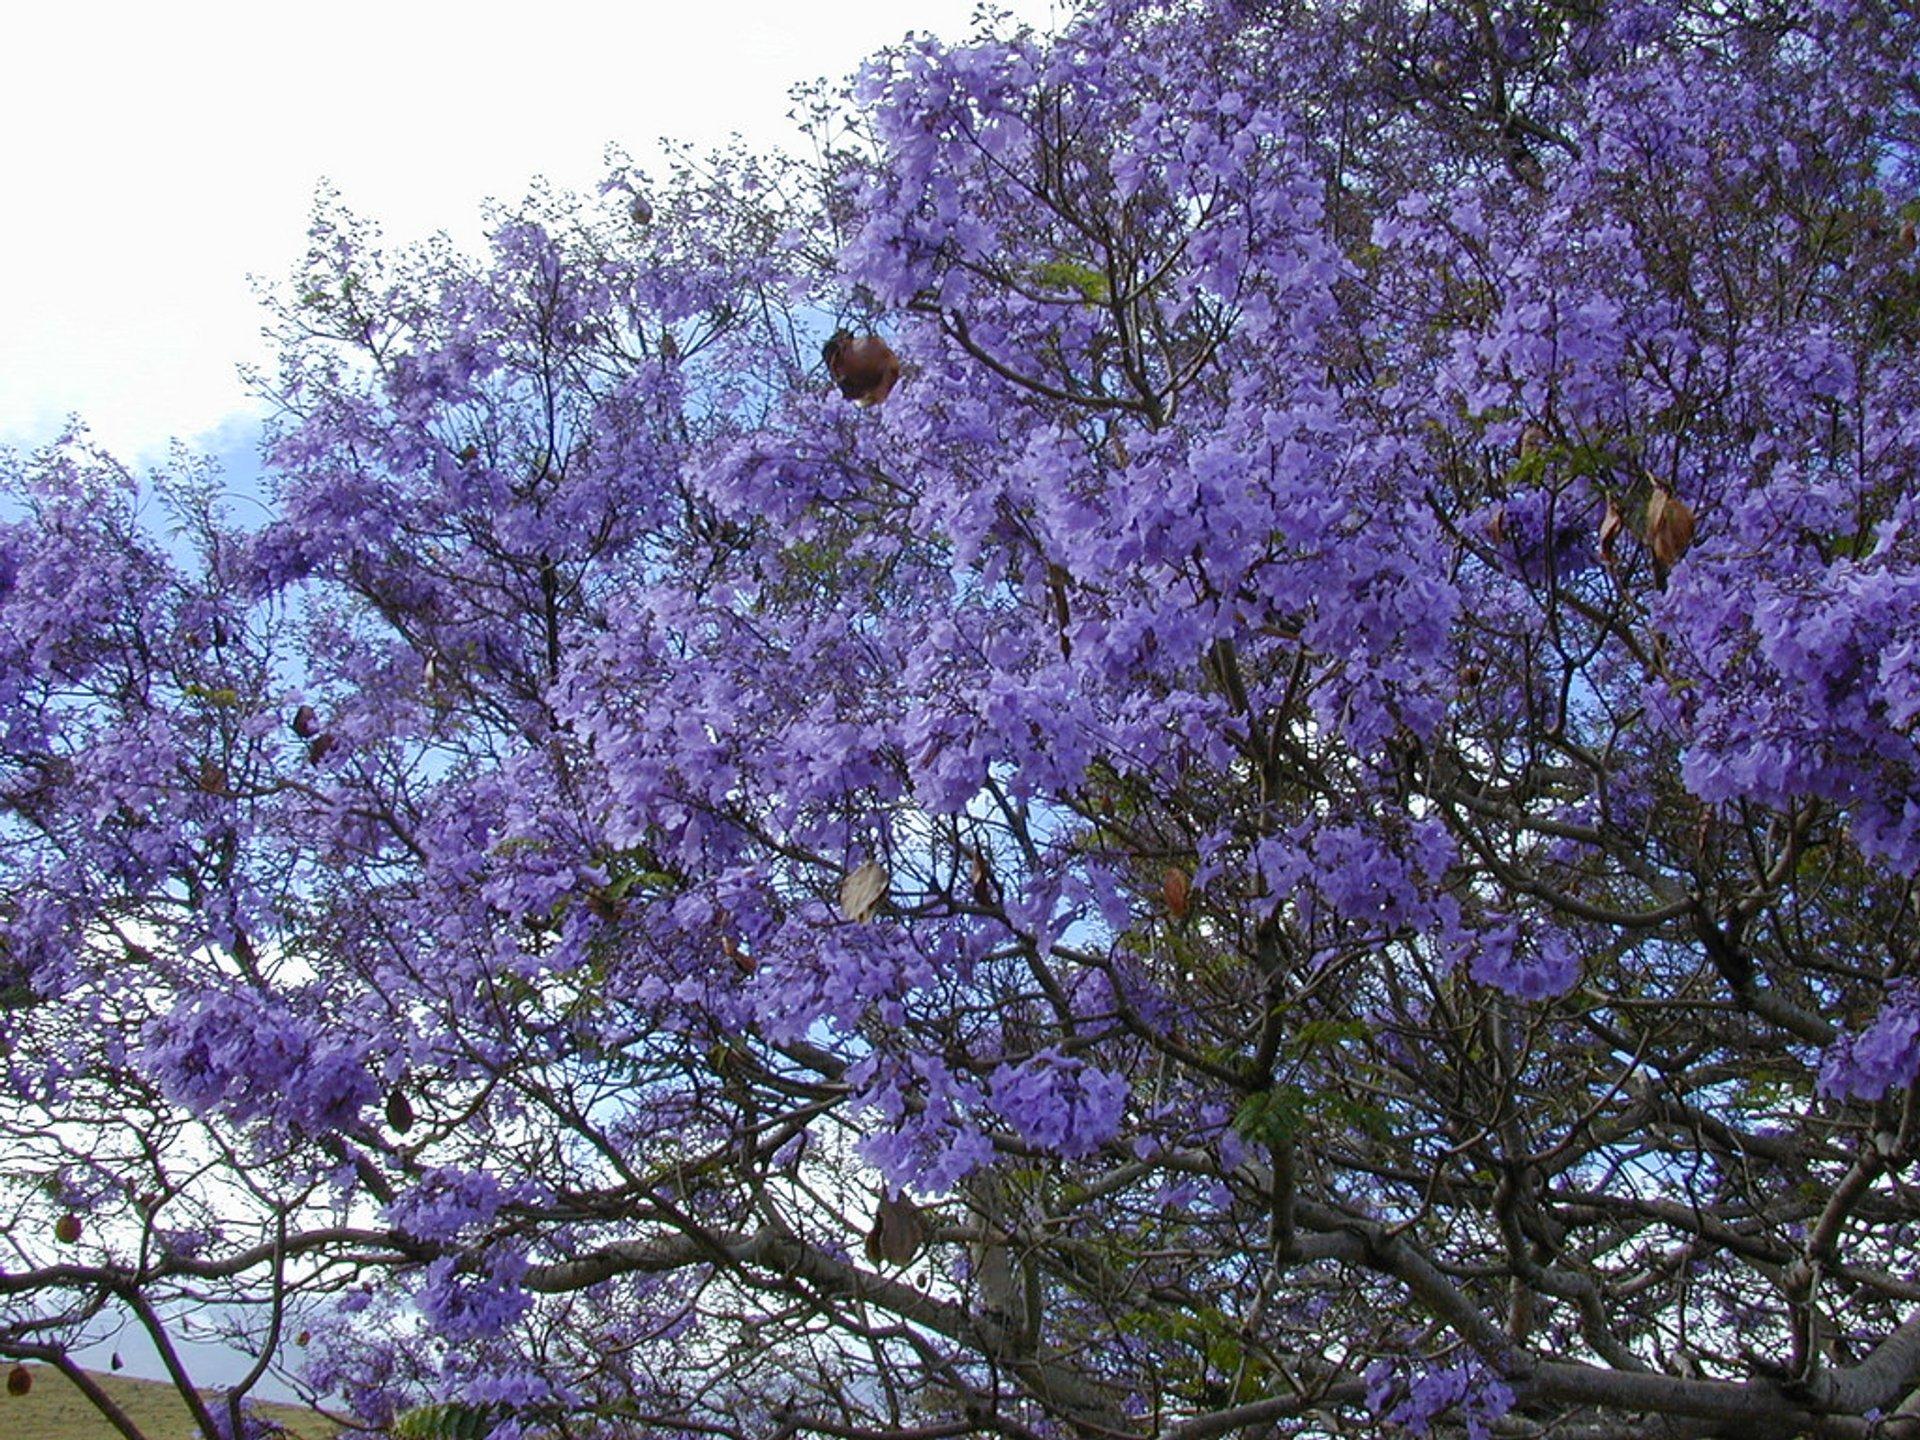 Jacaranda Tree Blooming in Hawaii 2020 - Best Time